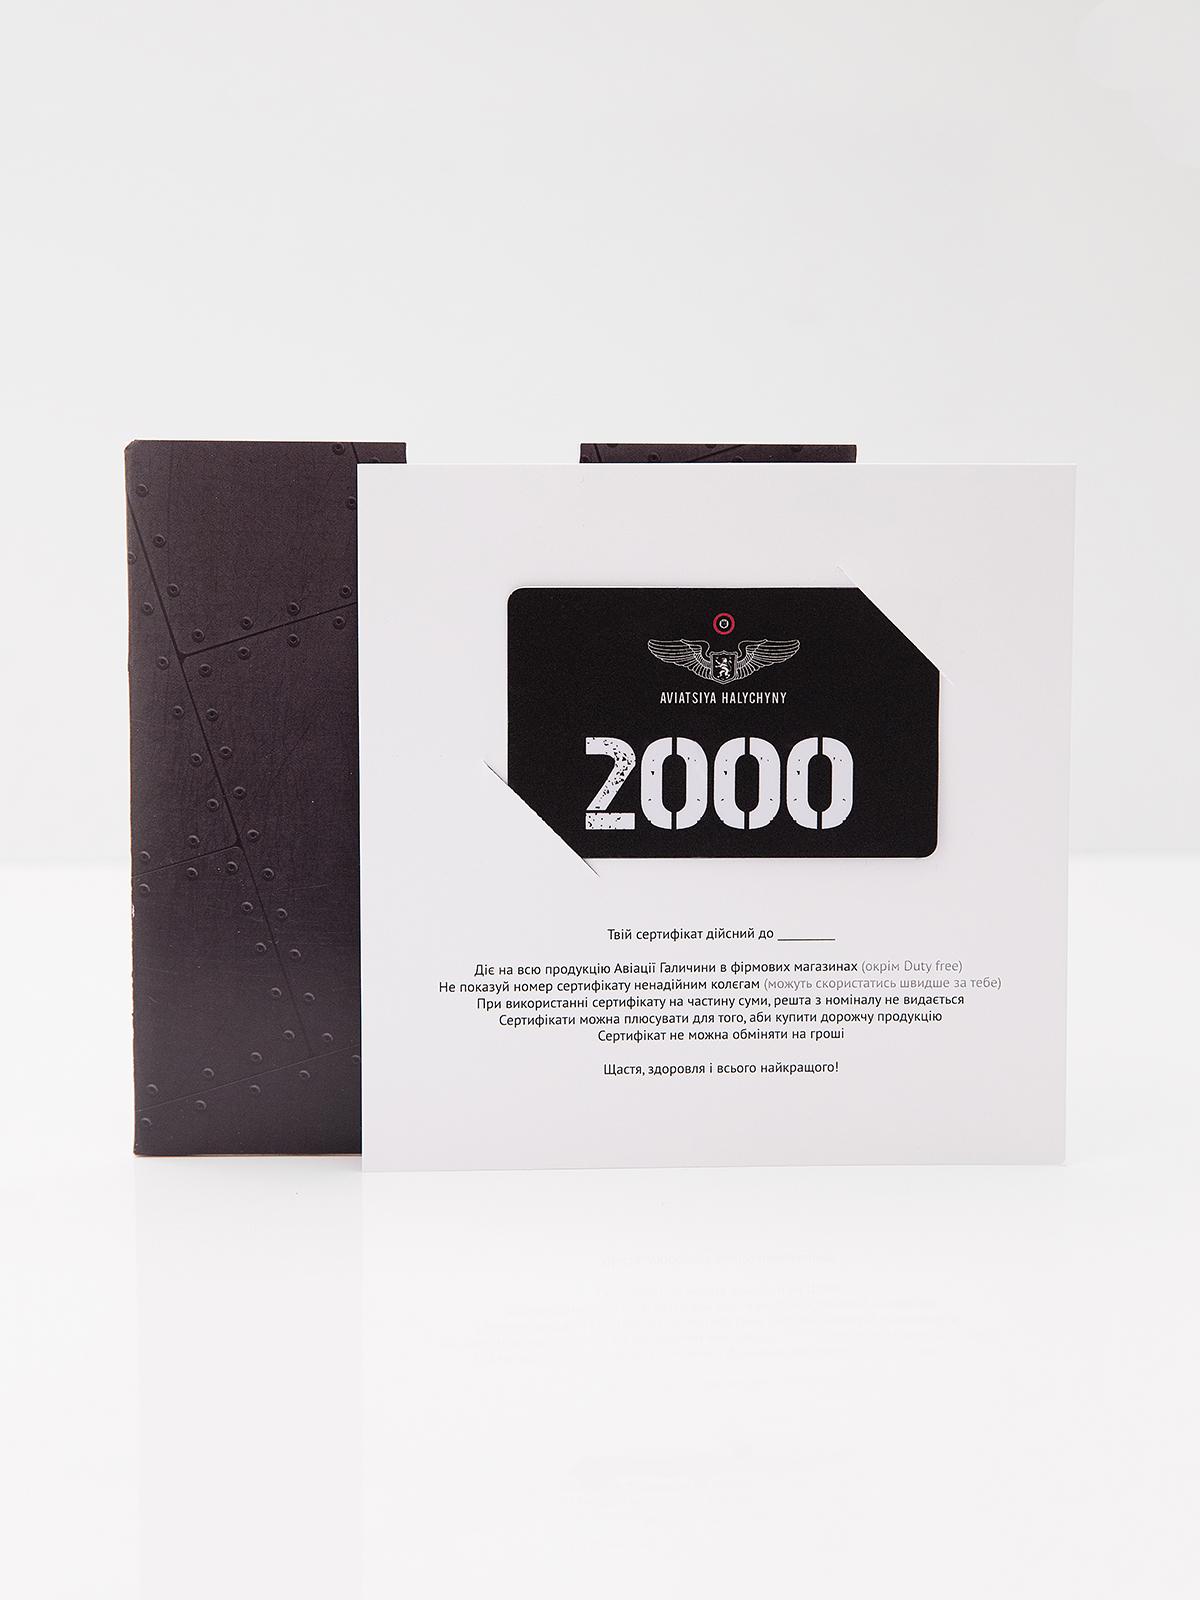 Подарунковий Сертифікат. Колір чорний. com/contacts/